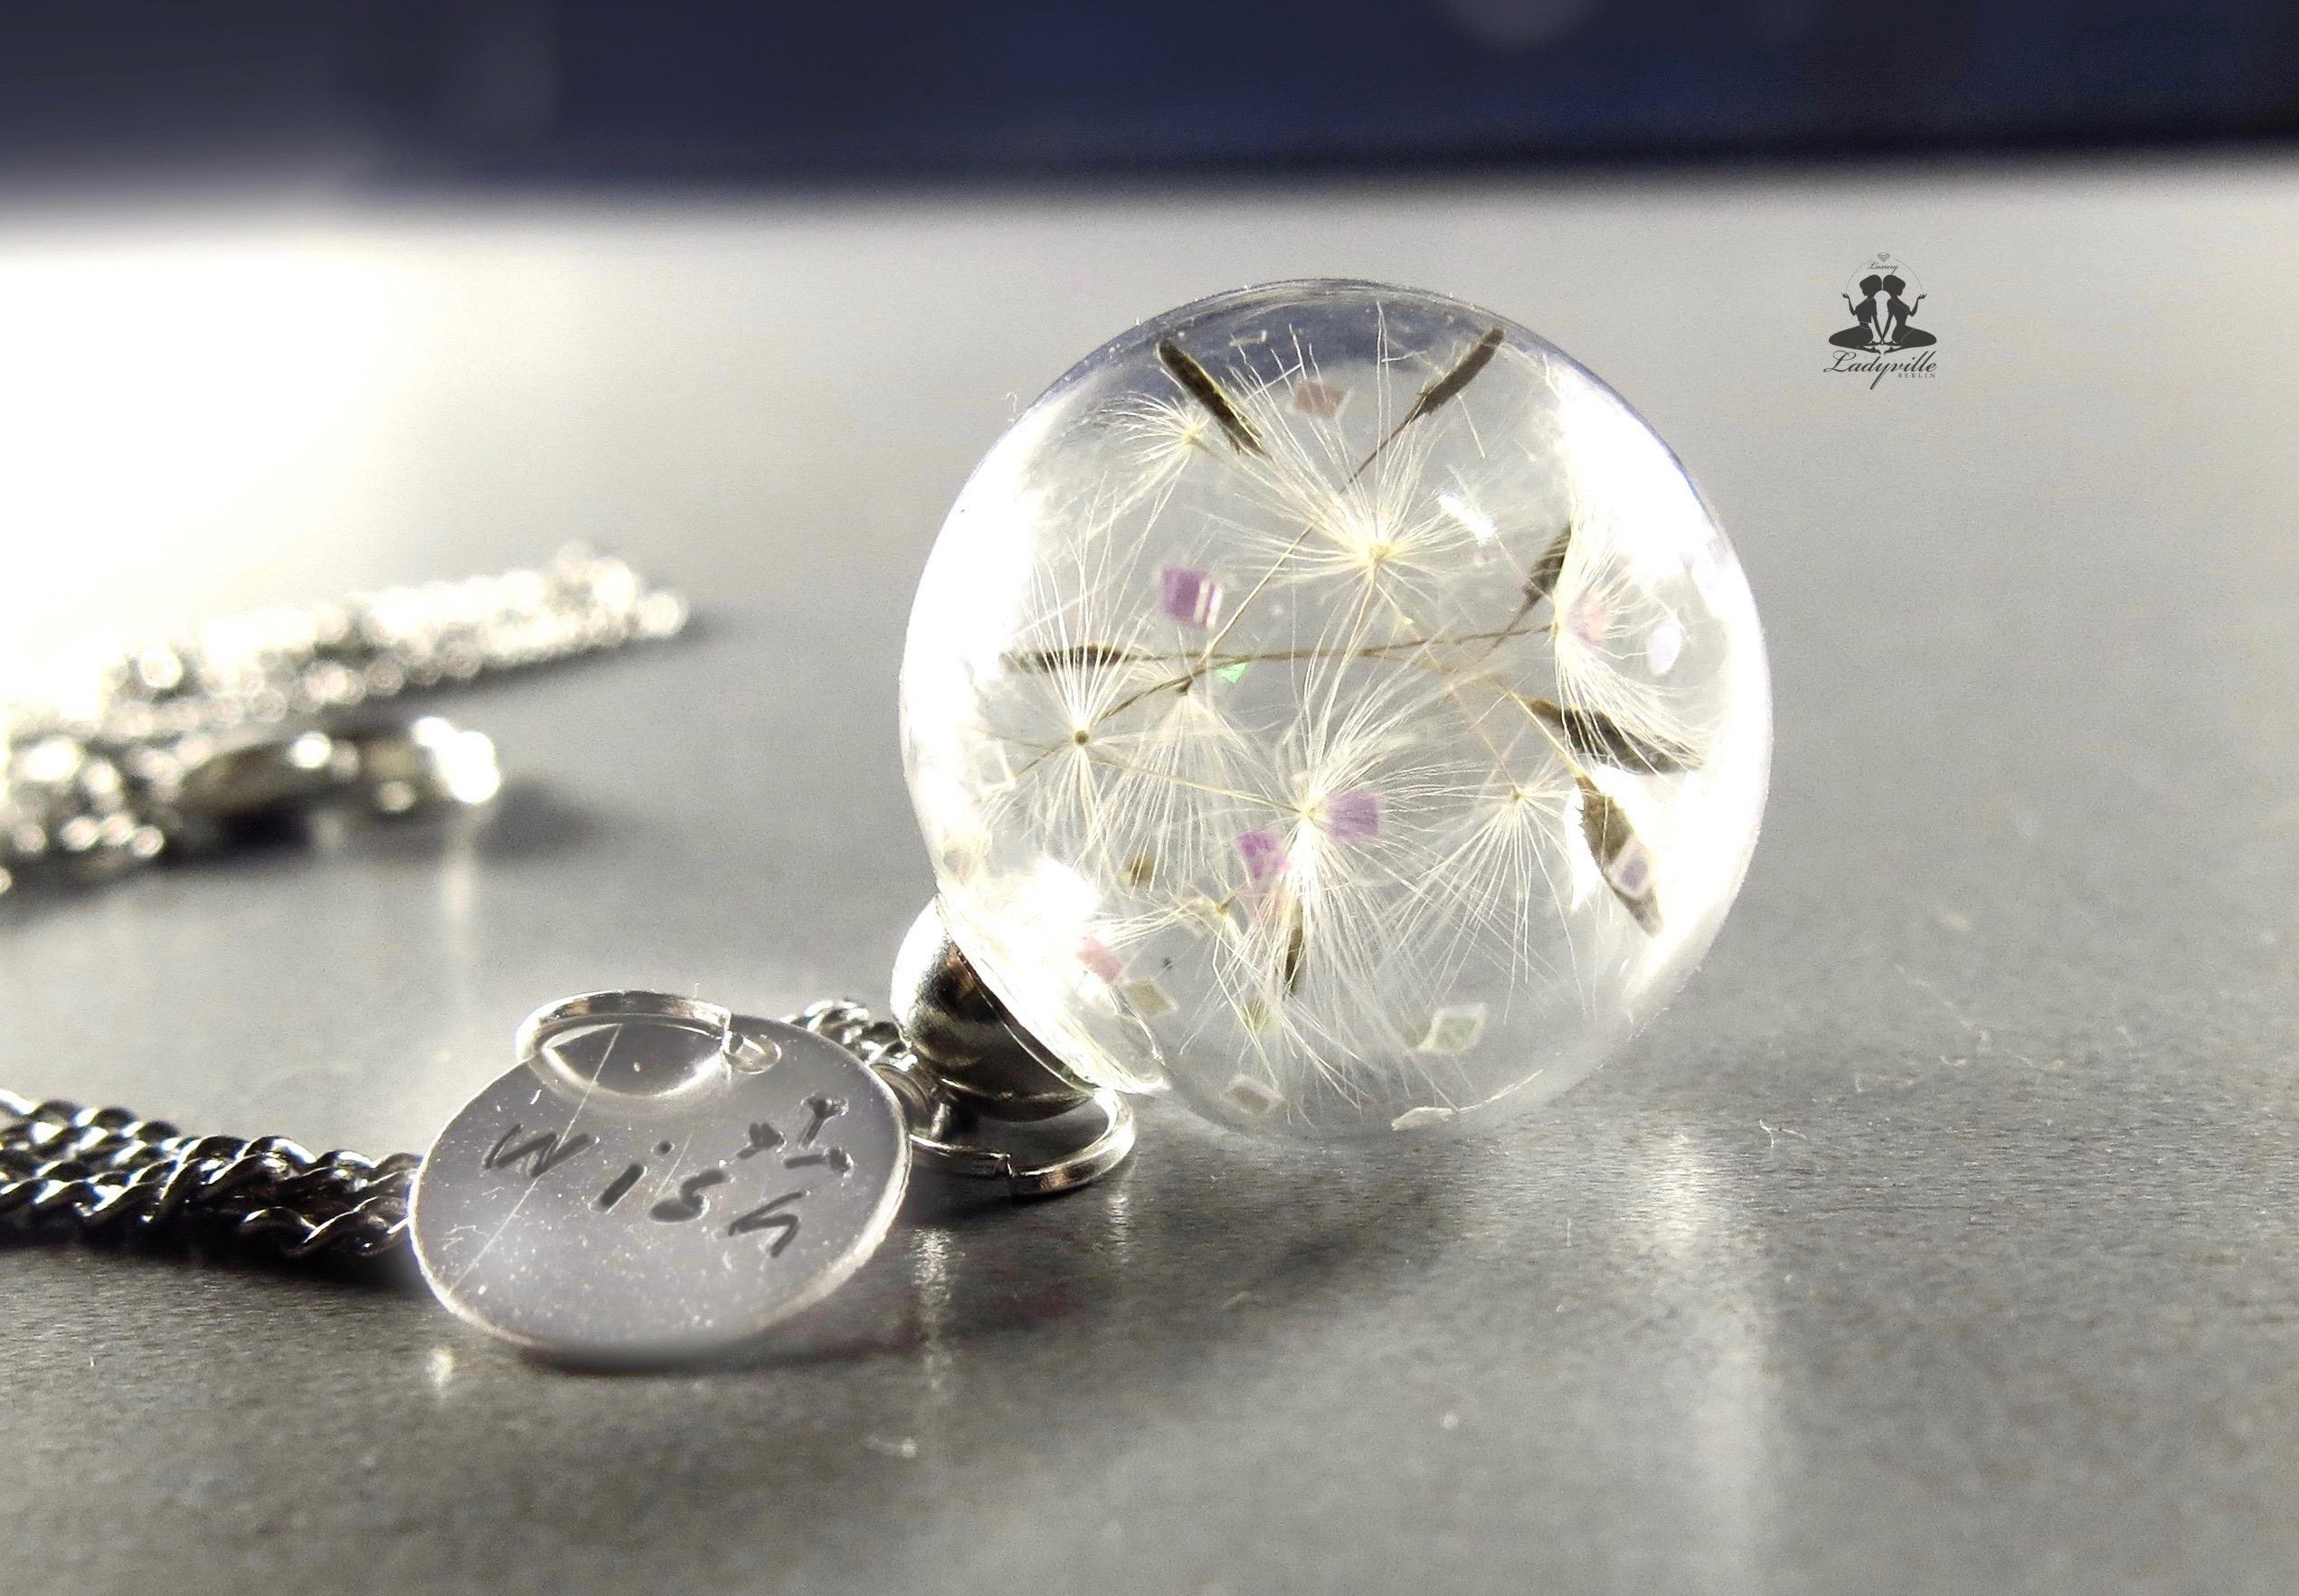 ladyville pusteblume kette schmuck echte bl te sterling silber 925 geschenk weihnachten. Black Bedroom Furniture Sets. Home Design Ideas